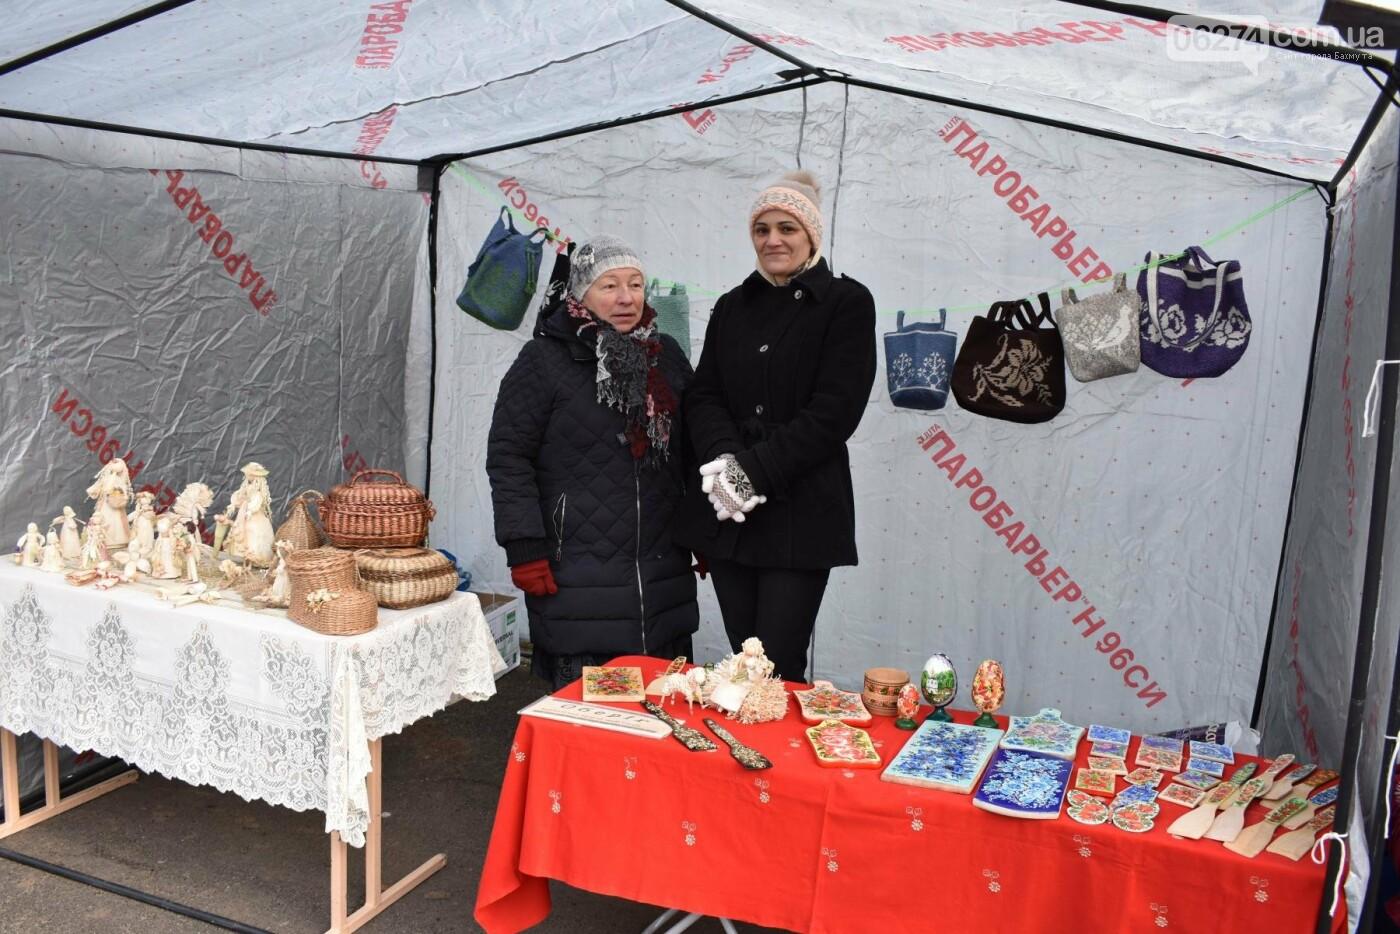 Бахмутские коллективы приняли участие в фестивале вертепов «Рождественский перезвон», фото-12